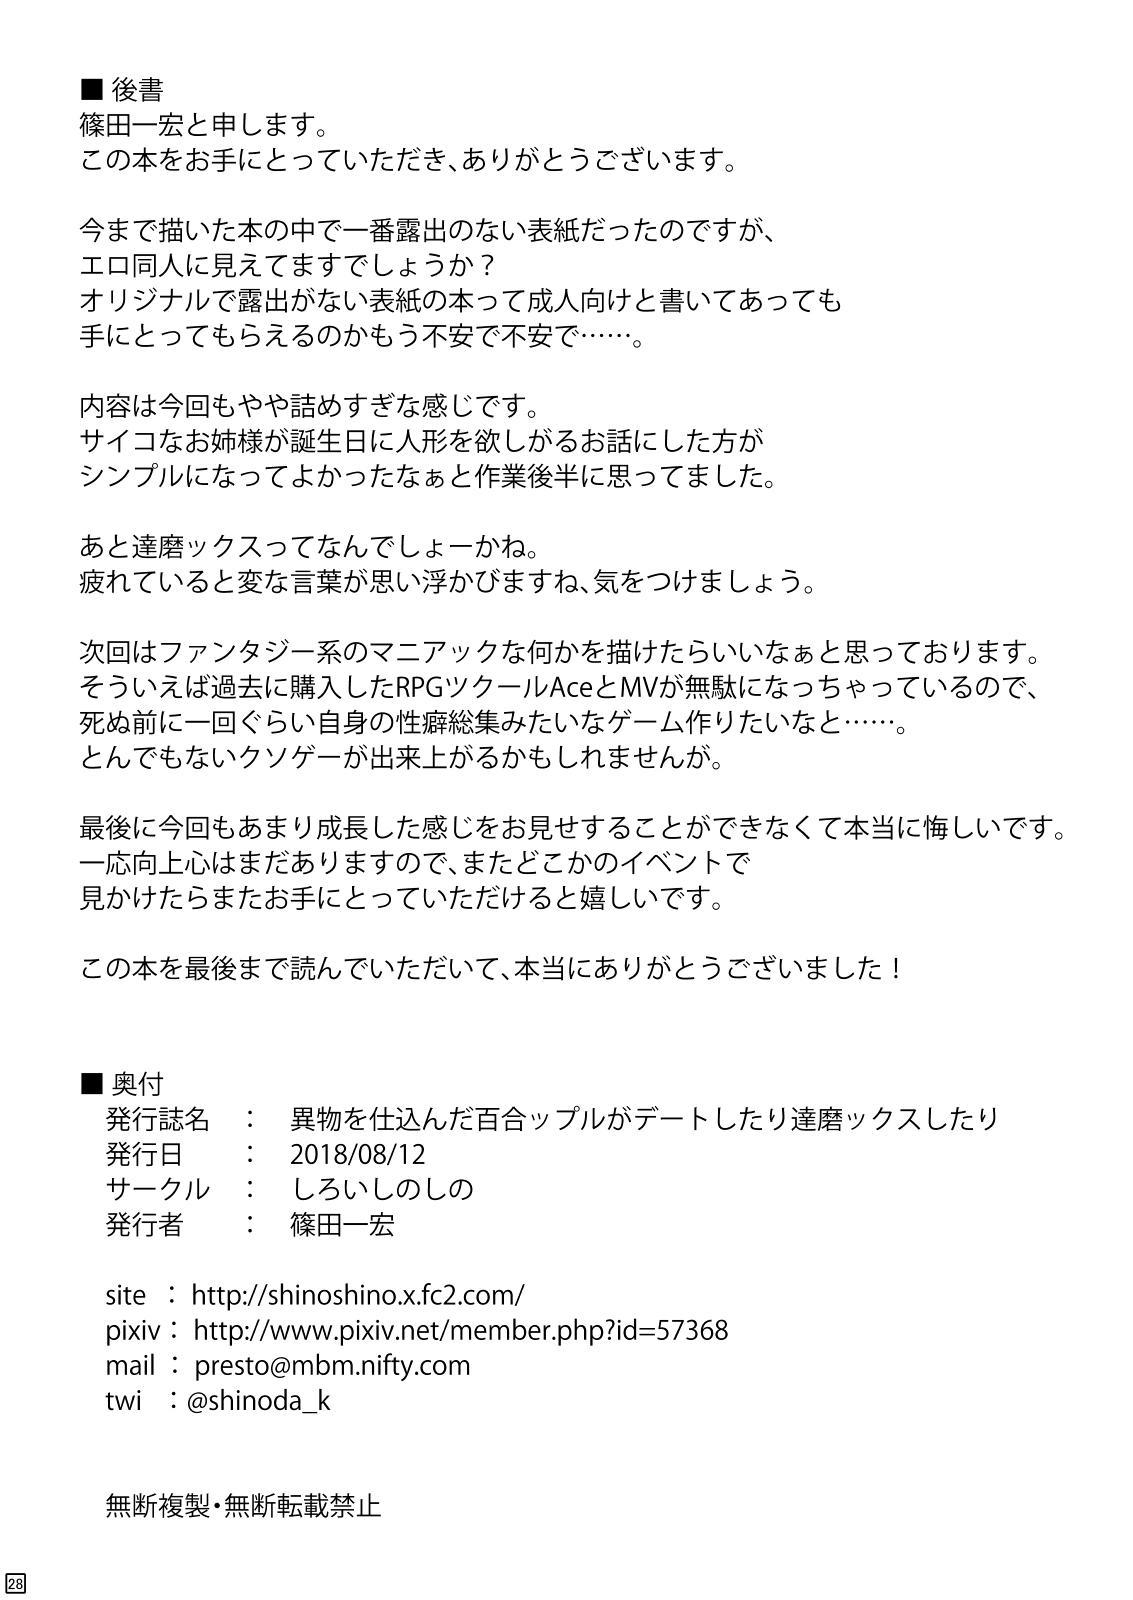 Ibutsu o Shikonda Yuriple ga Date Shitari Darumax Shitari 28